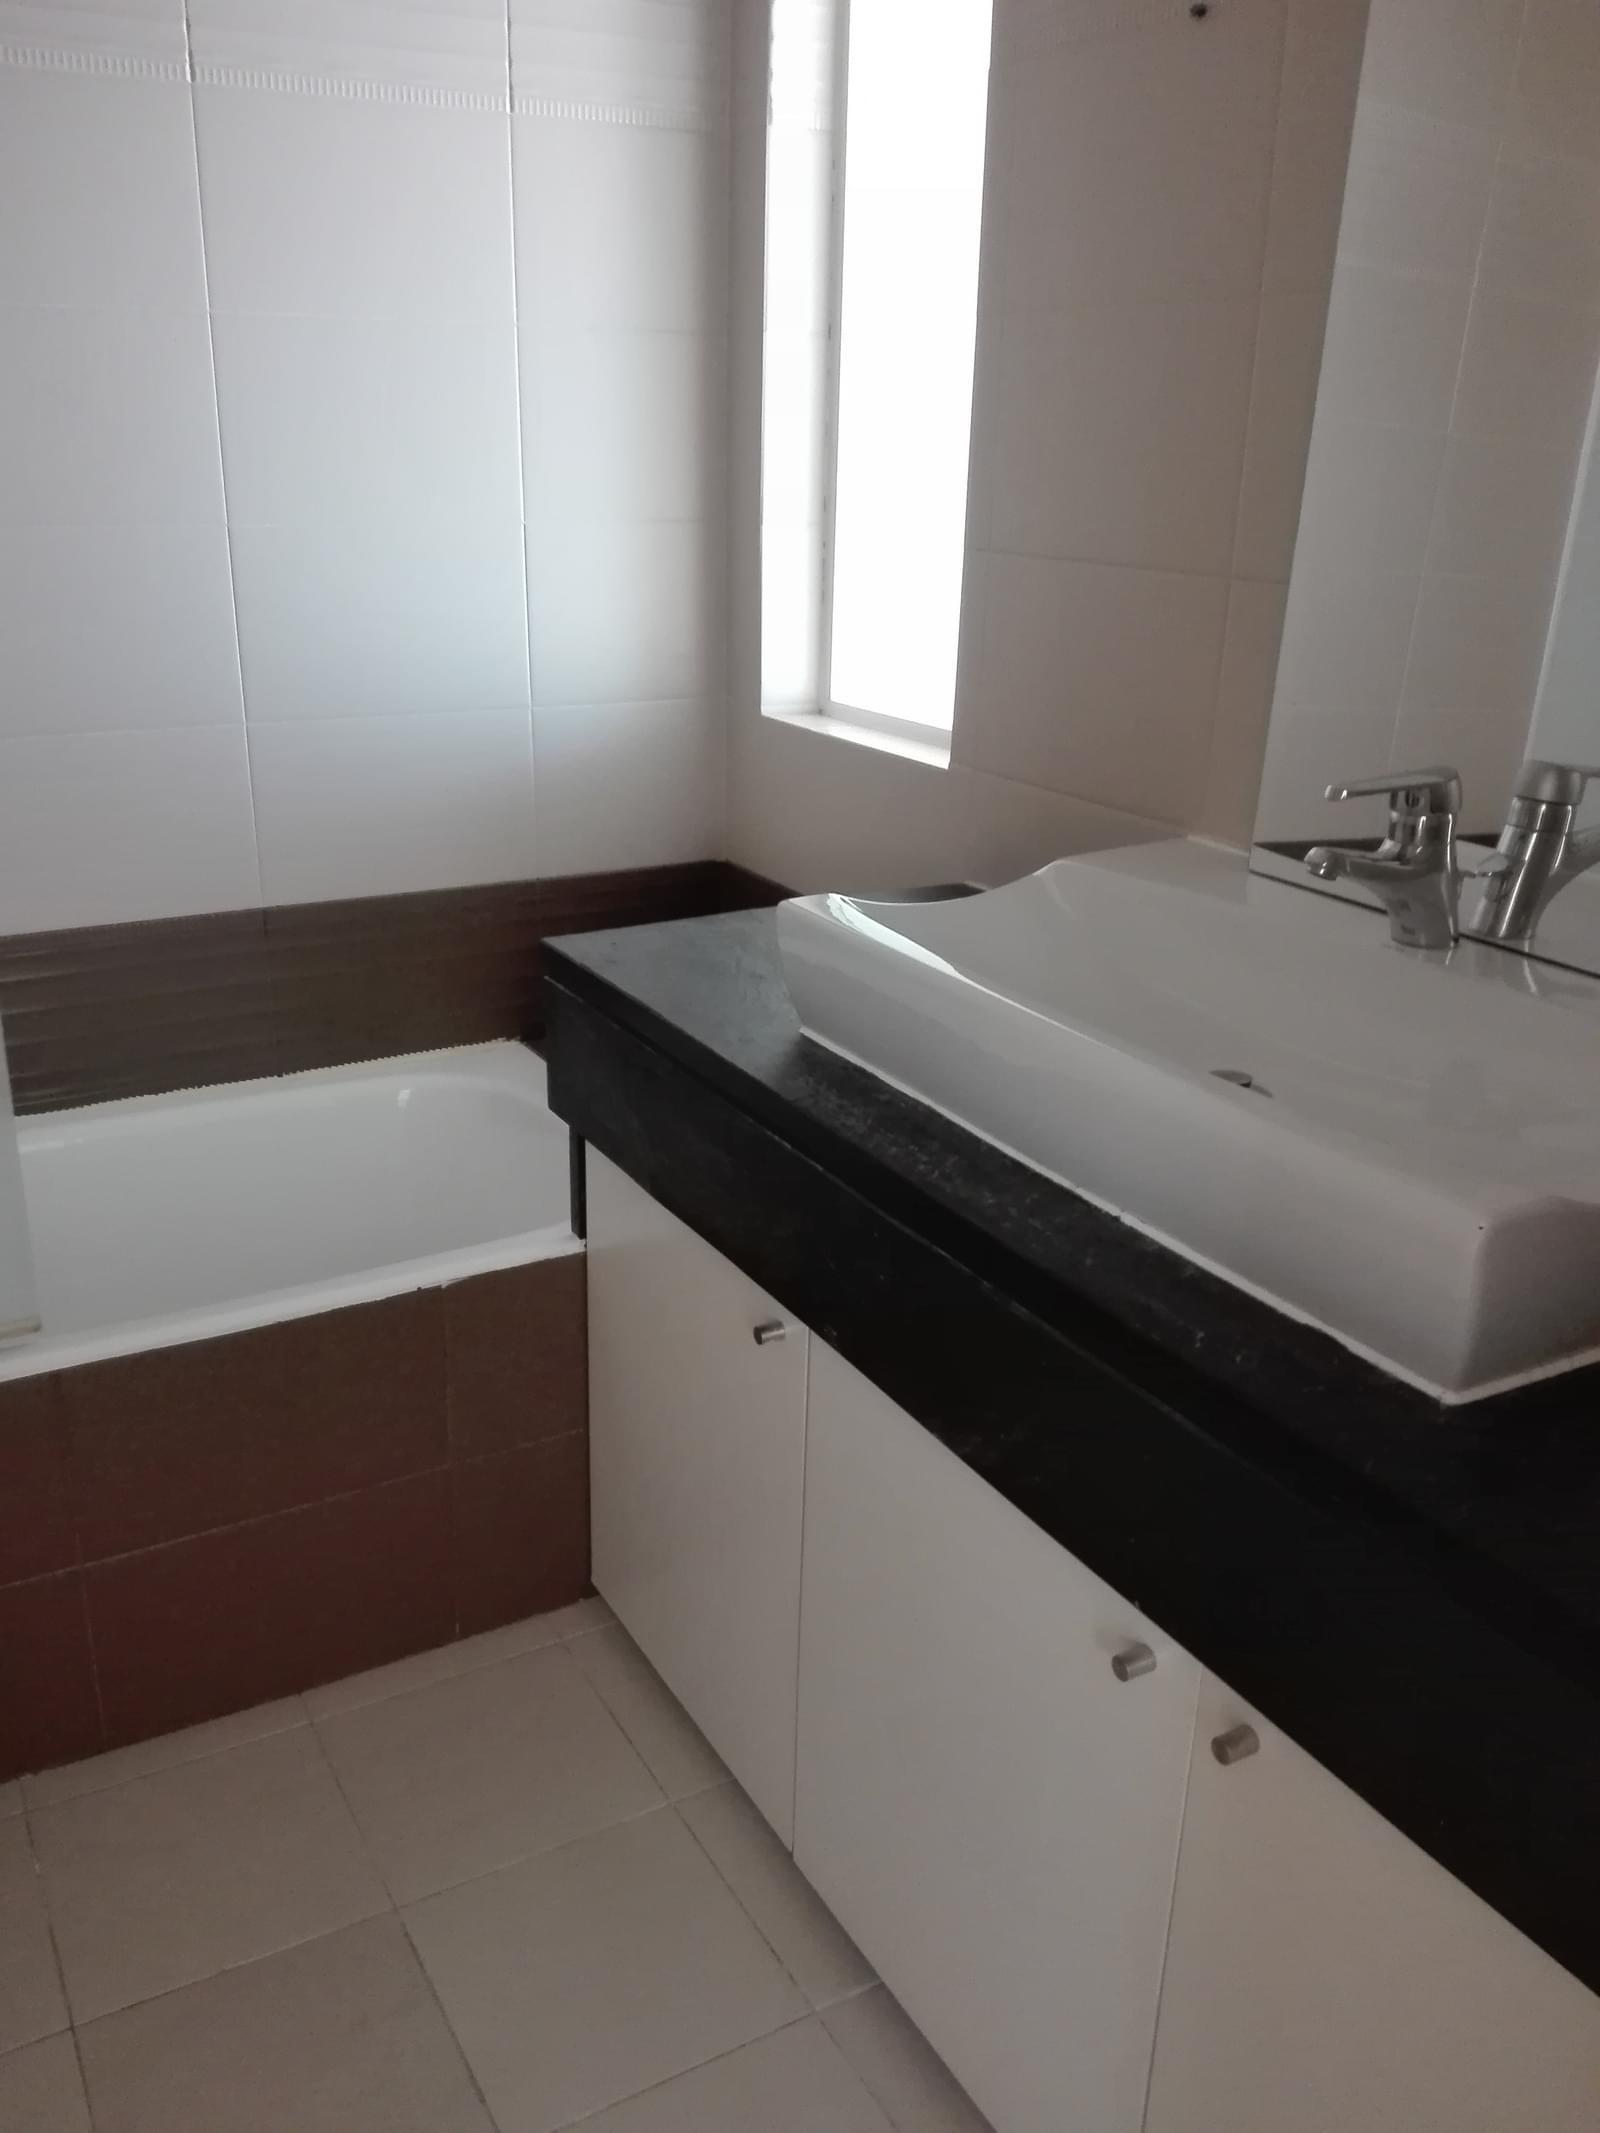 pf17908-apartamento-t1-lisboa-35b5779e-ef80-4874-8411-a03645dc3e0f